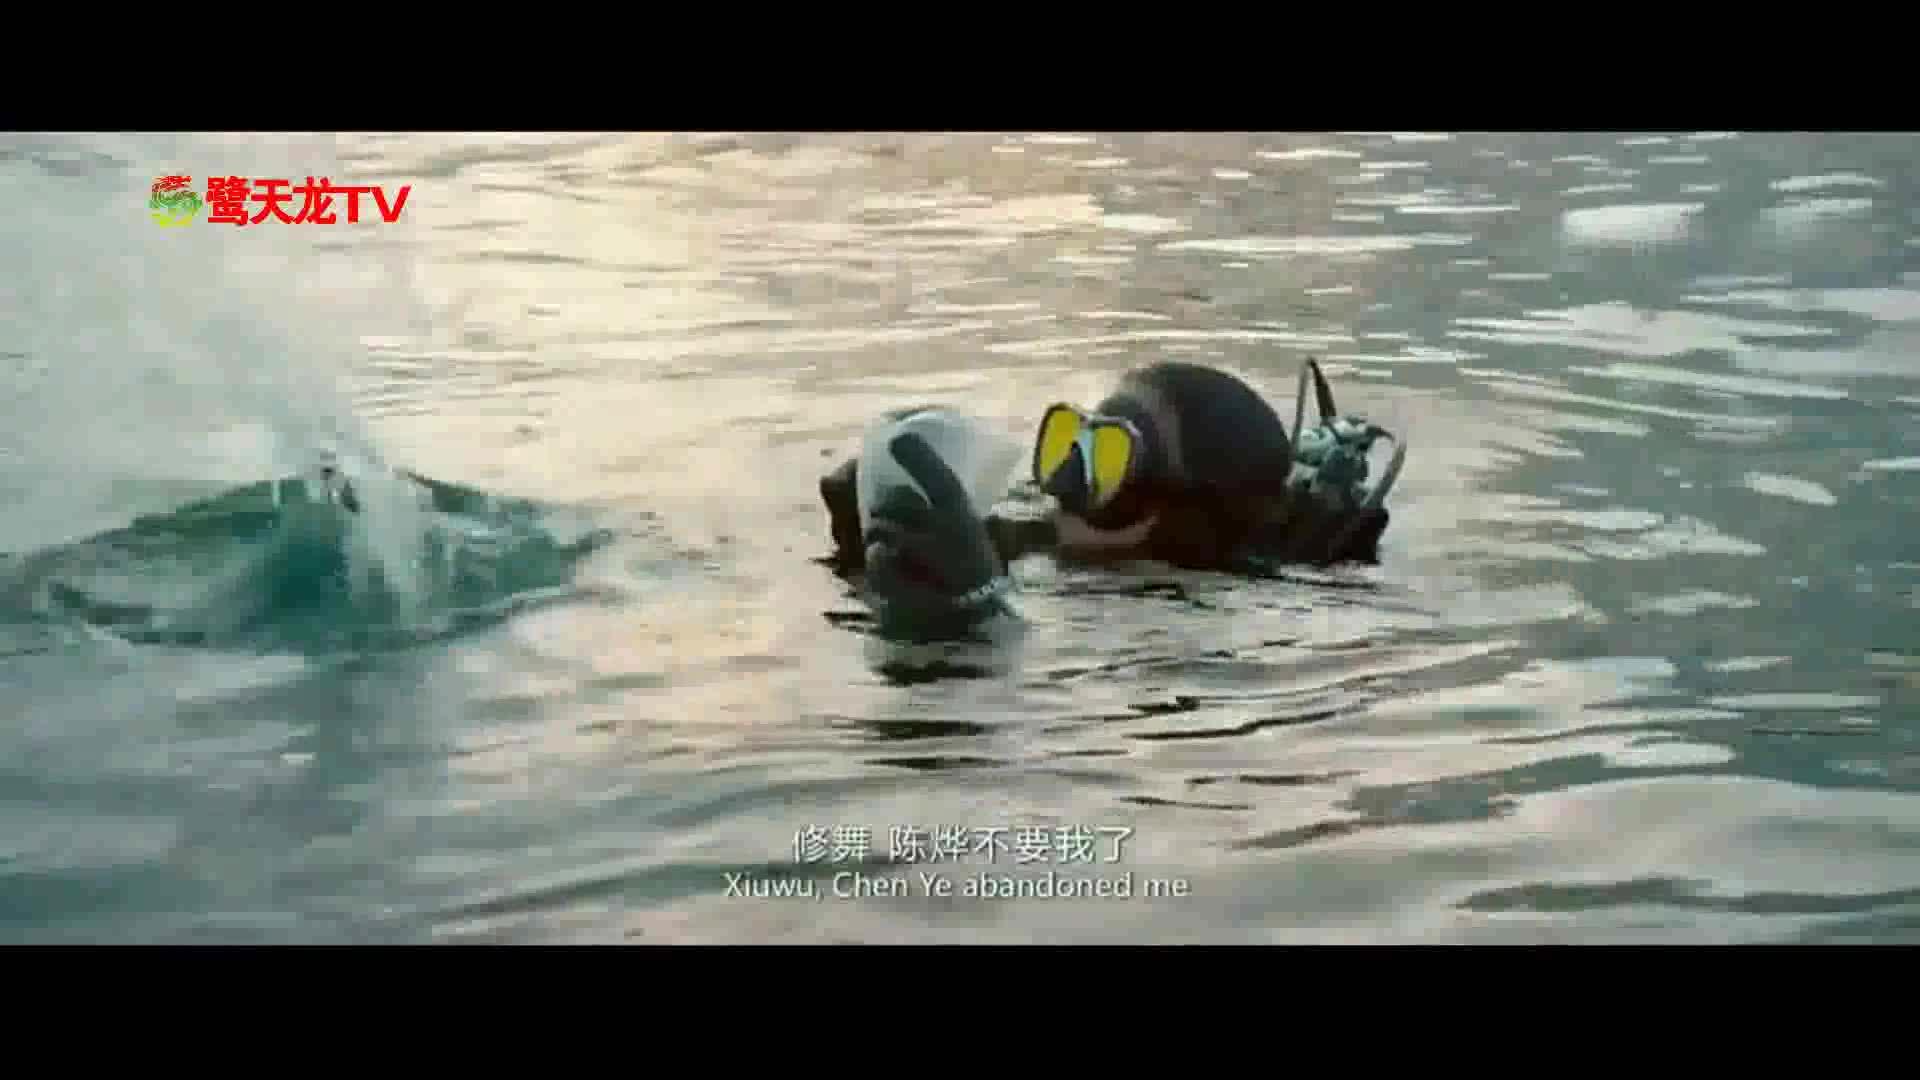 《女汉子真爱公式》片段:赵丽颖沙滩飞踹张翰